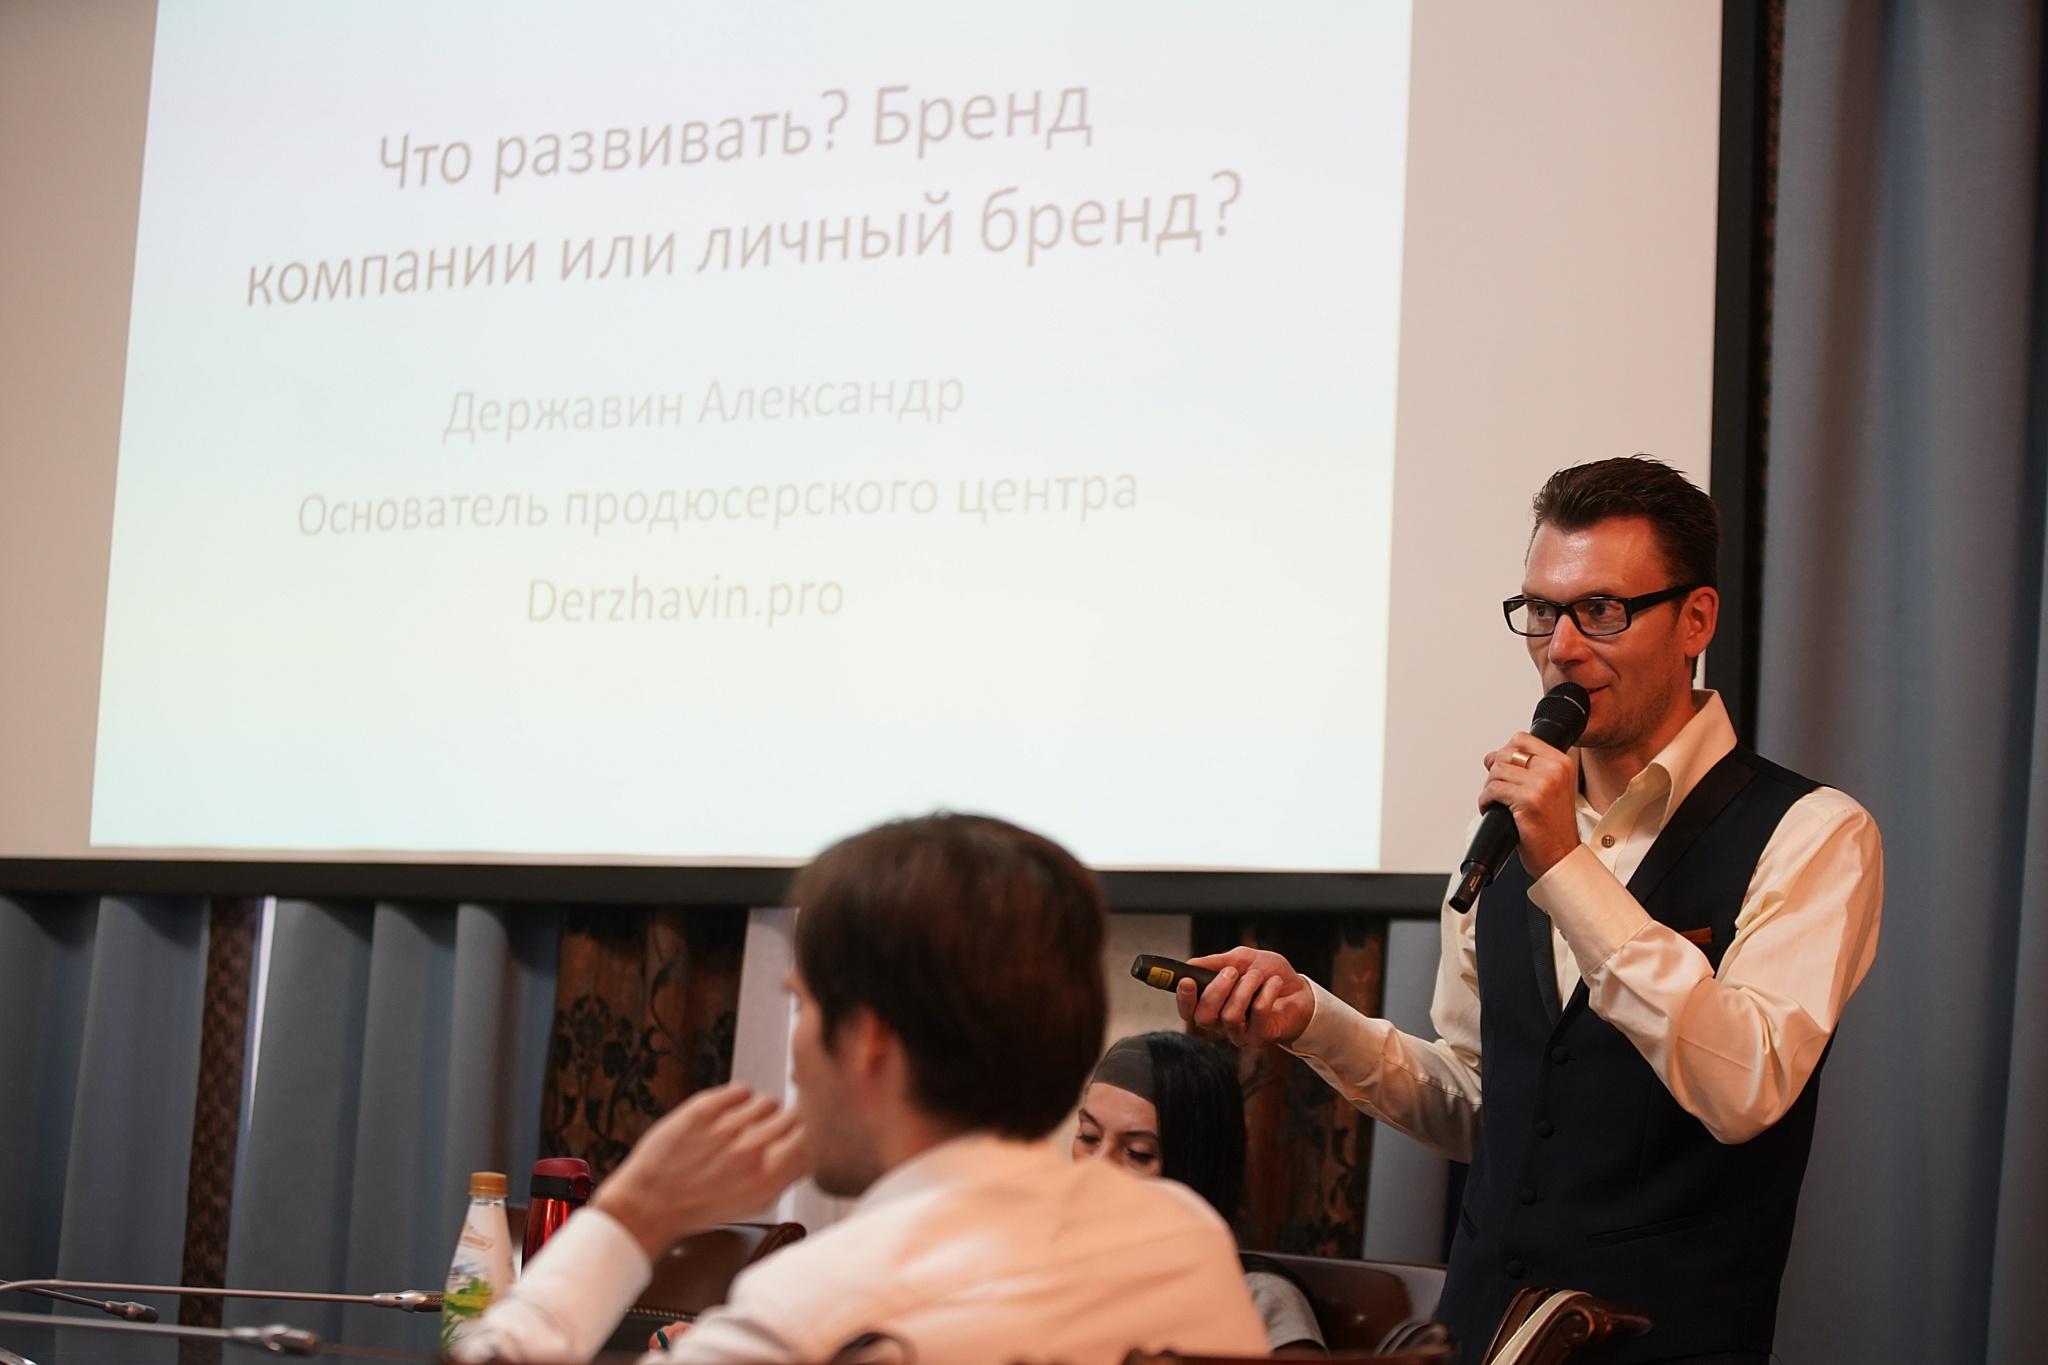 Александр Державин рекомендует развивать личный бренд